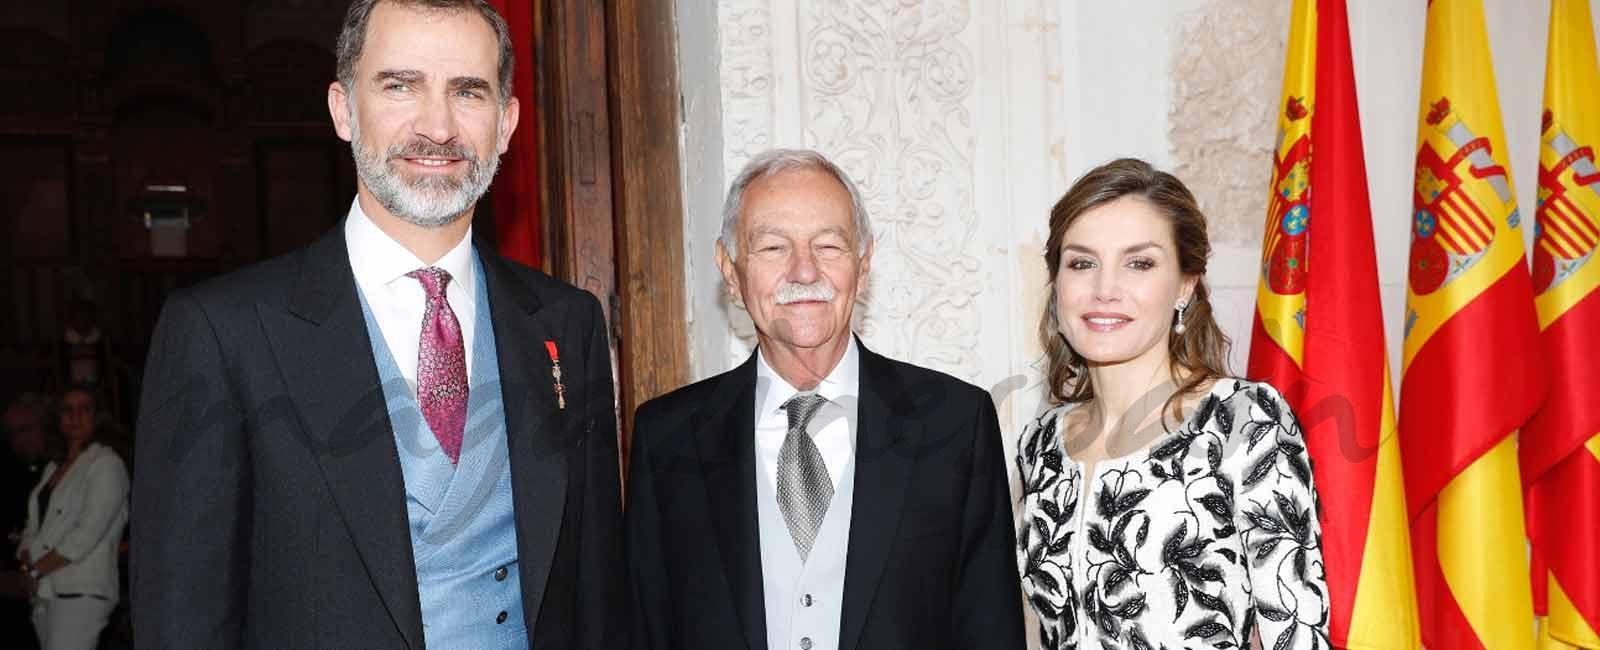 Sus Majestades los Reyes con el galardonado con el Premio de Literatura en Lengua Castellana